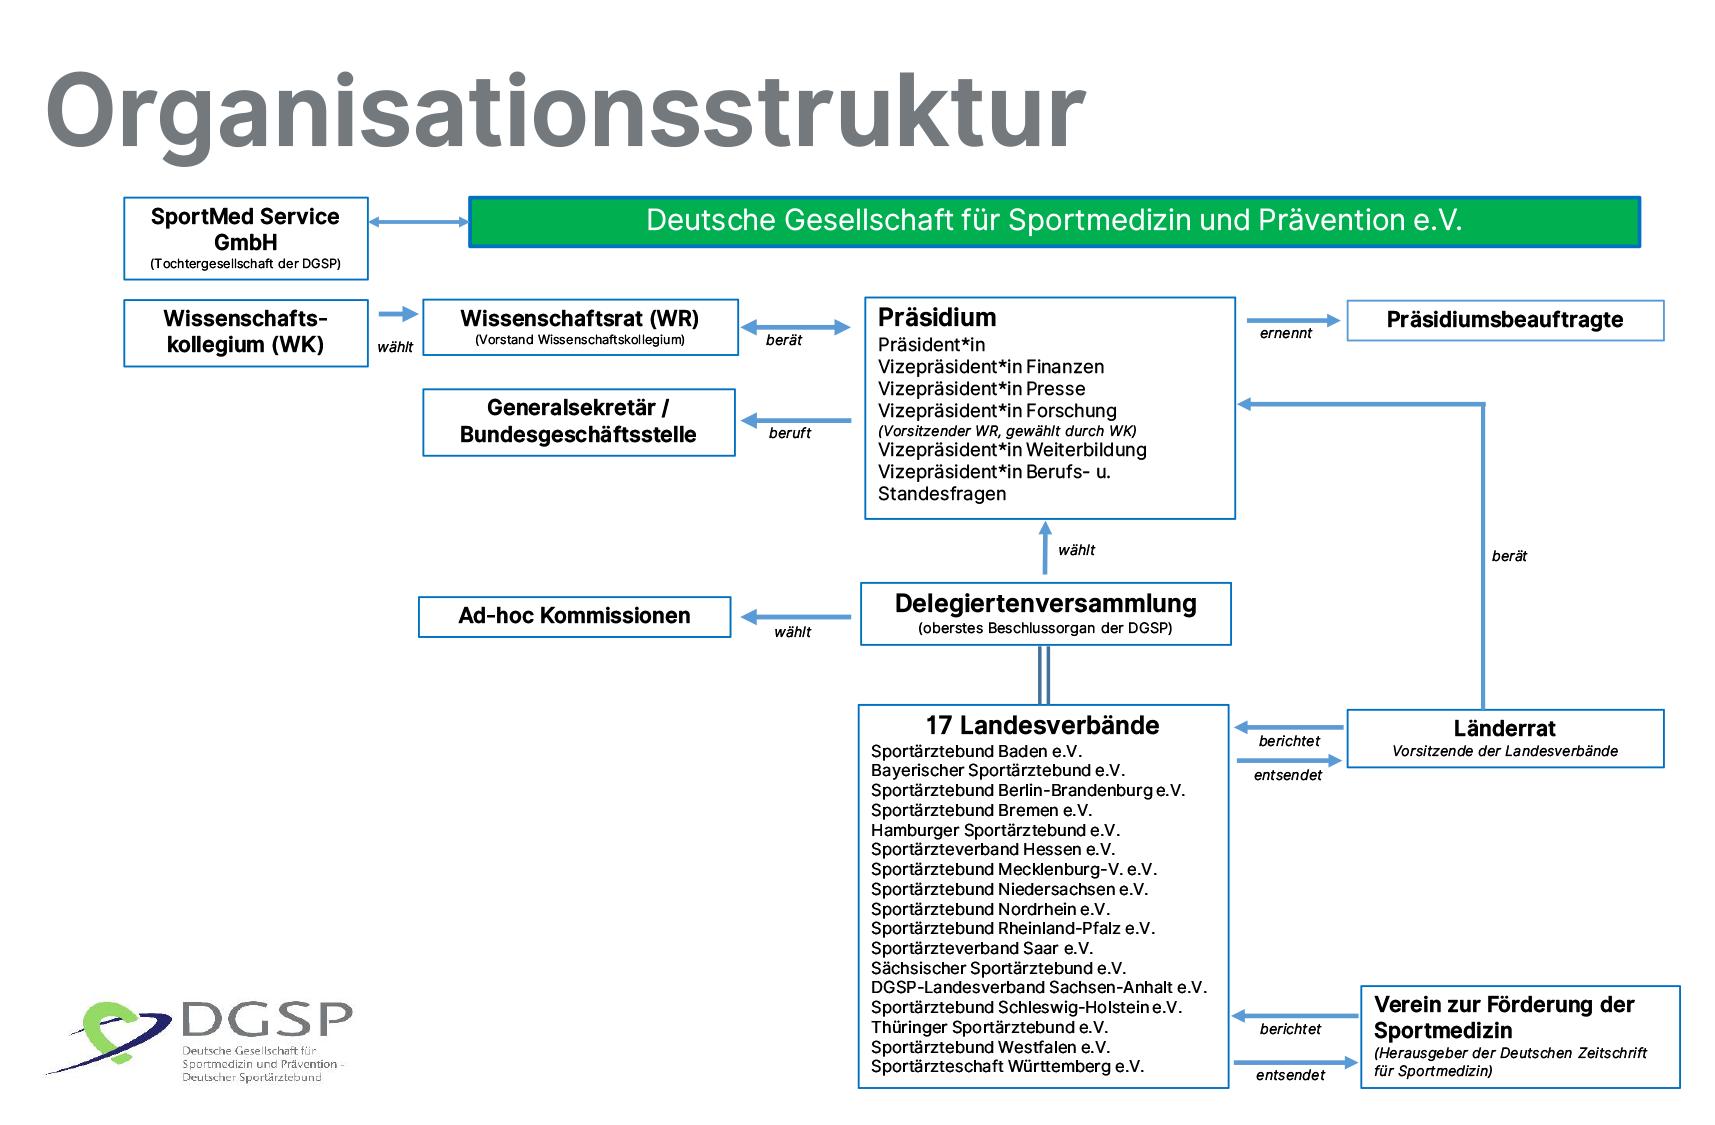 Das Organigramm der DGSP